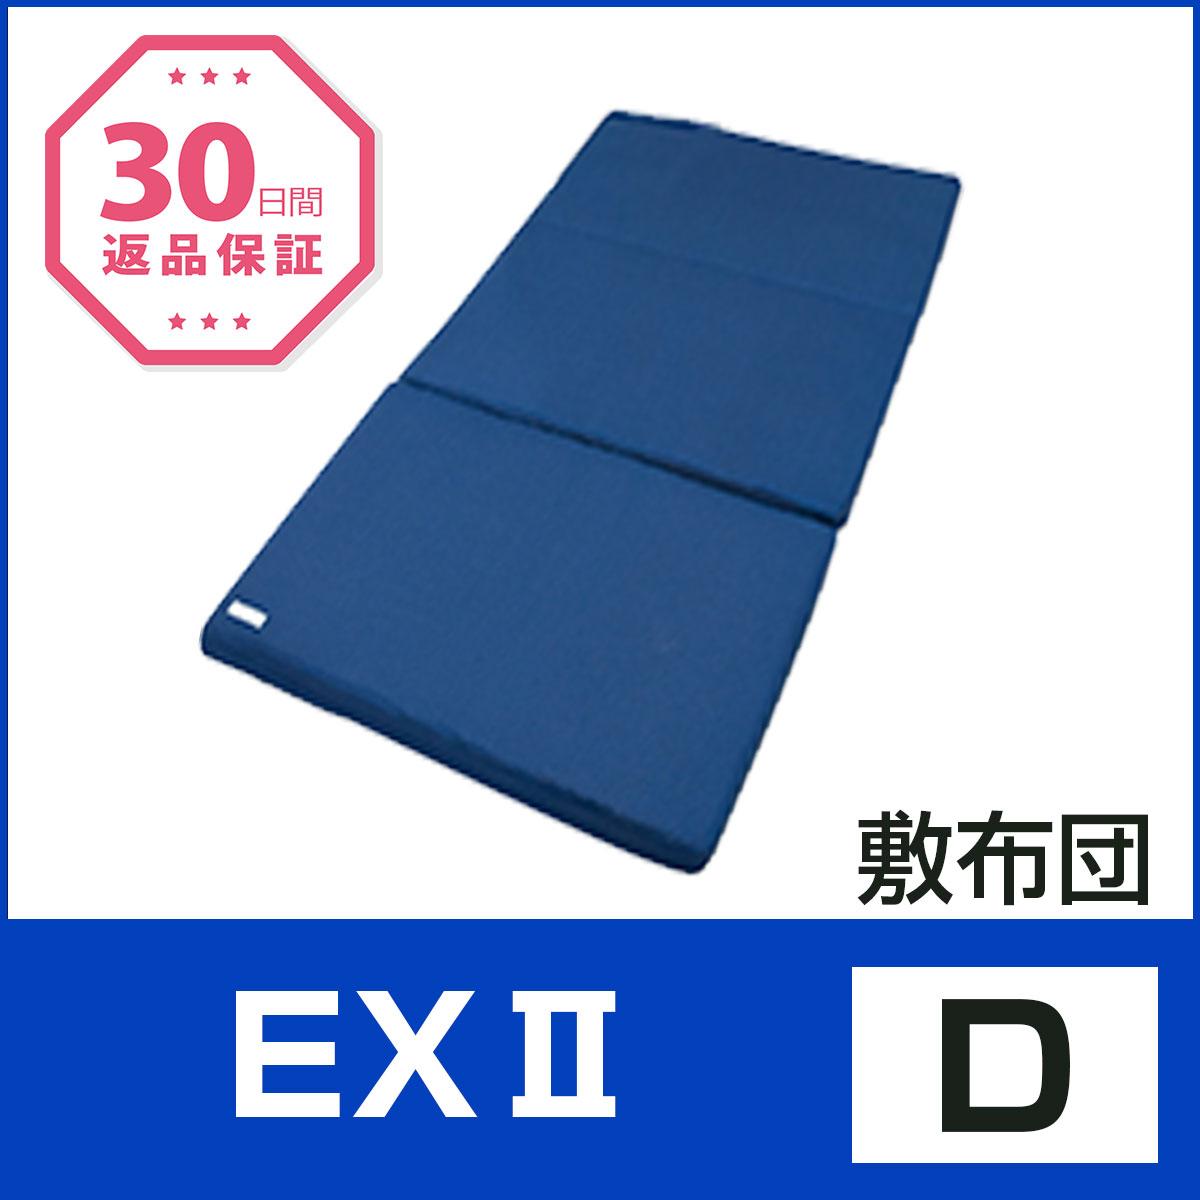 <ダブル>【敷布団FOUR SEASONS EX 2】